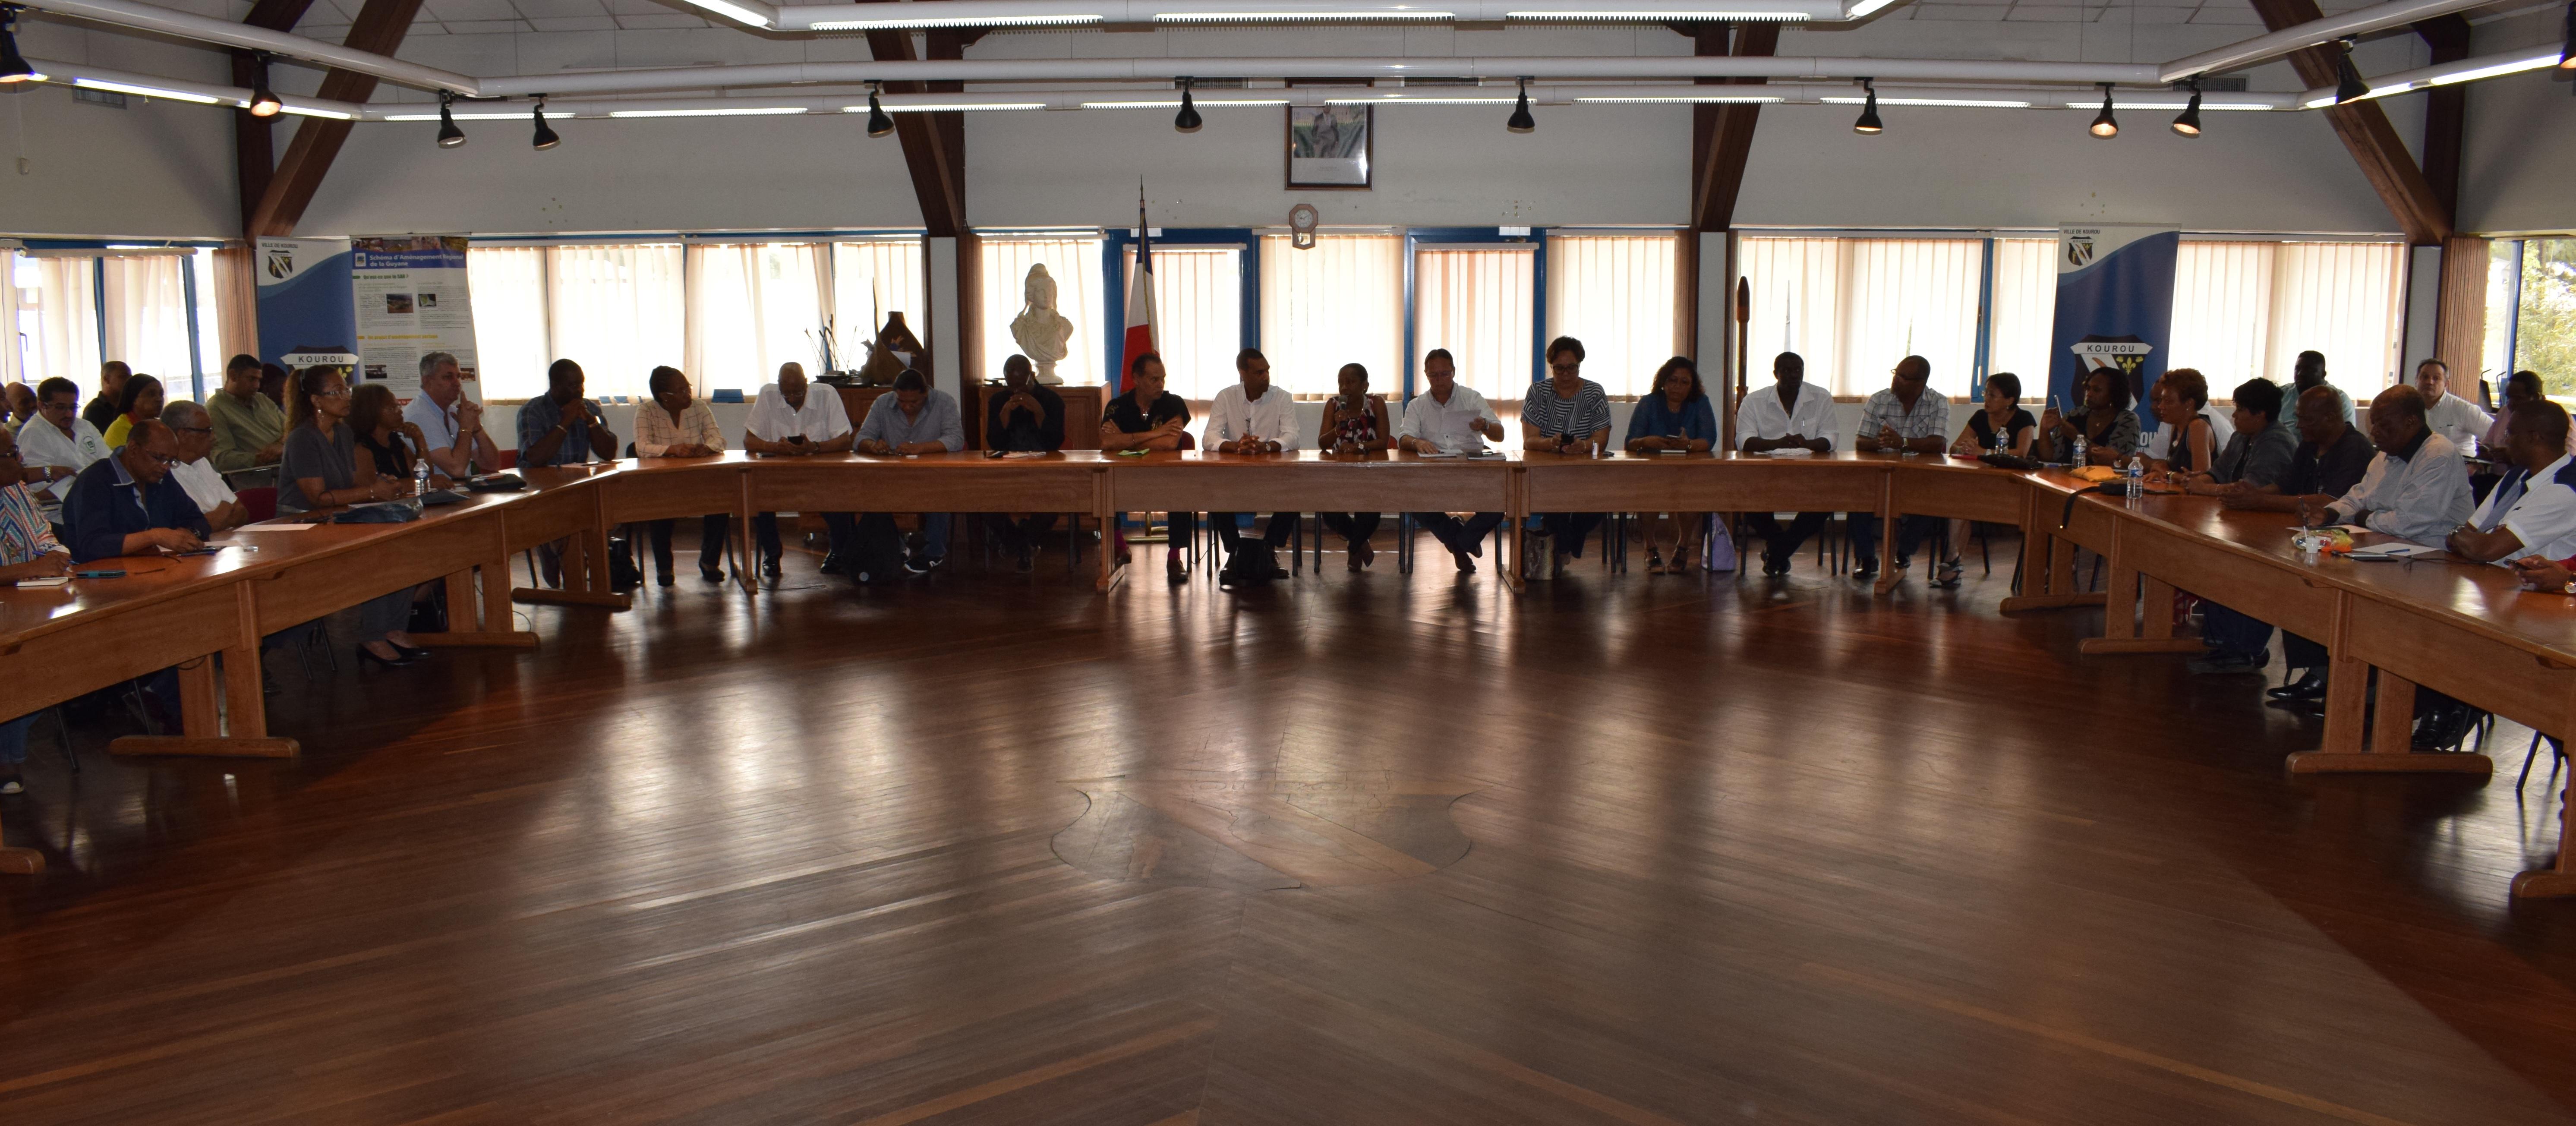 Réunion des Maires et des conseillers municipaux avant la marche et la visite des barrages à Kourou